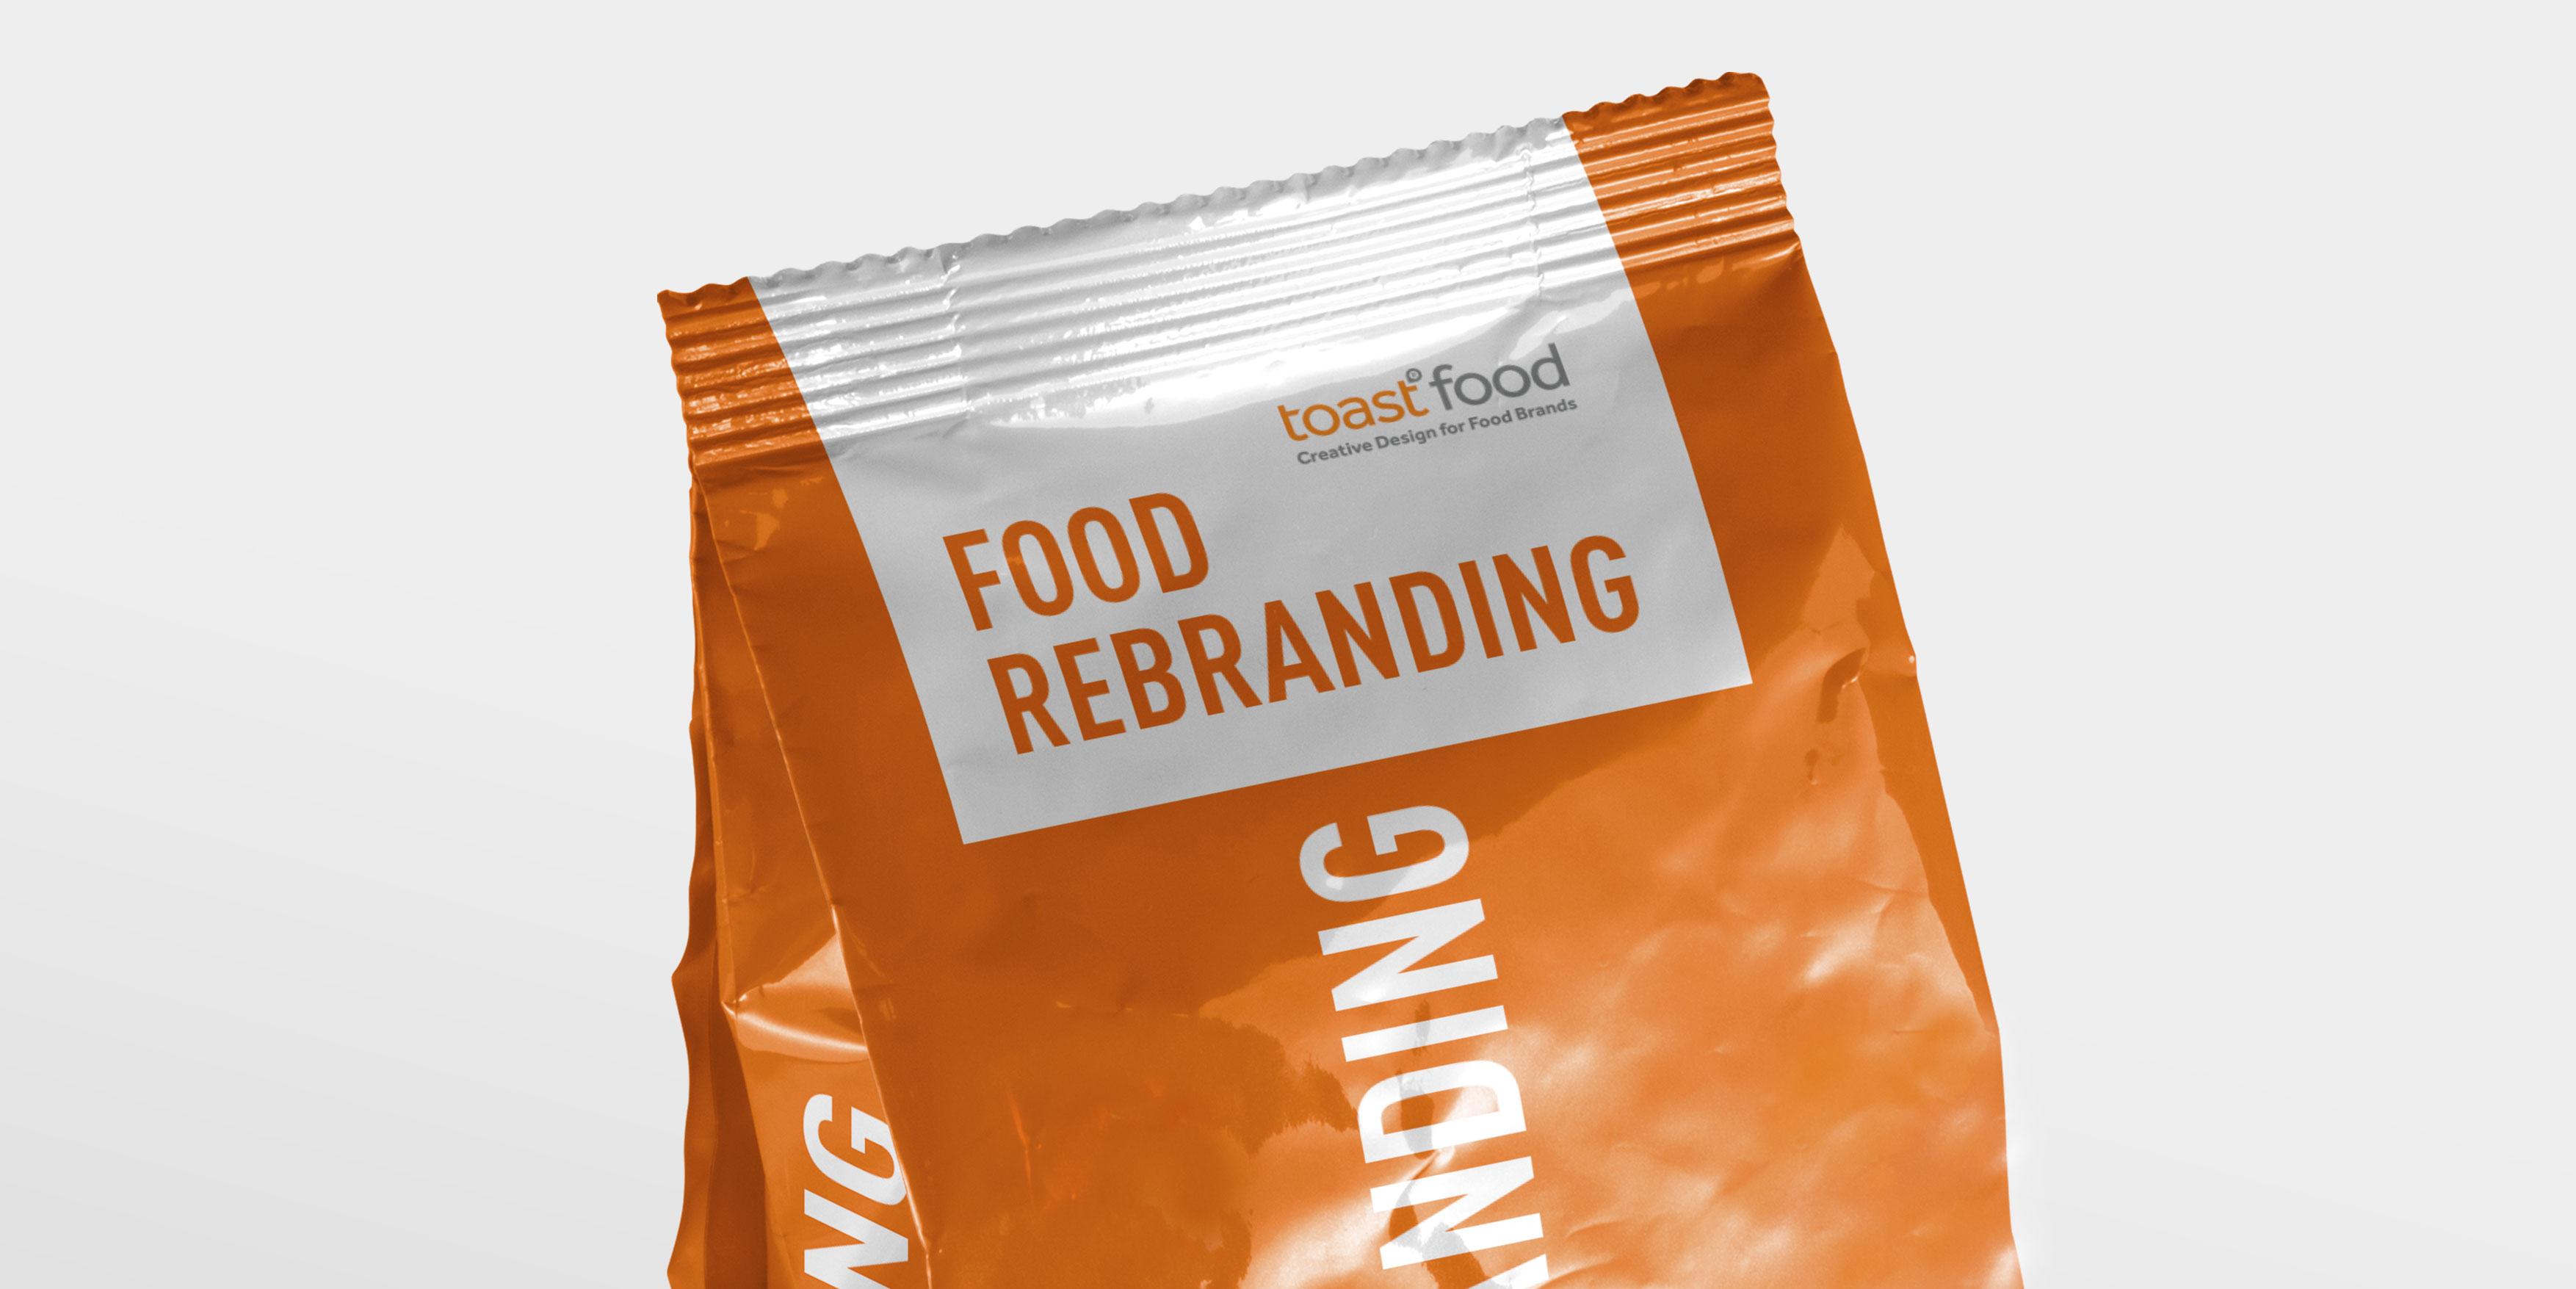 Rebranding Food